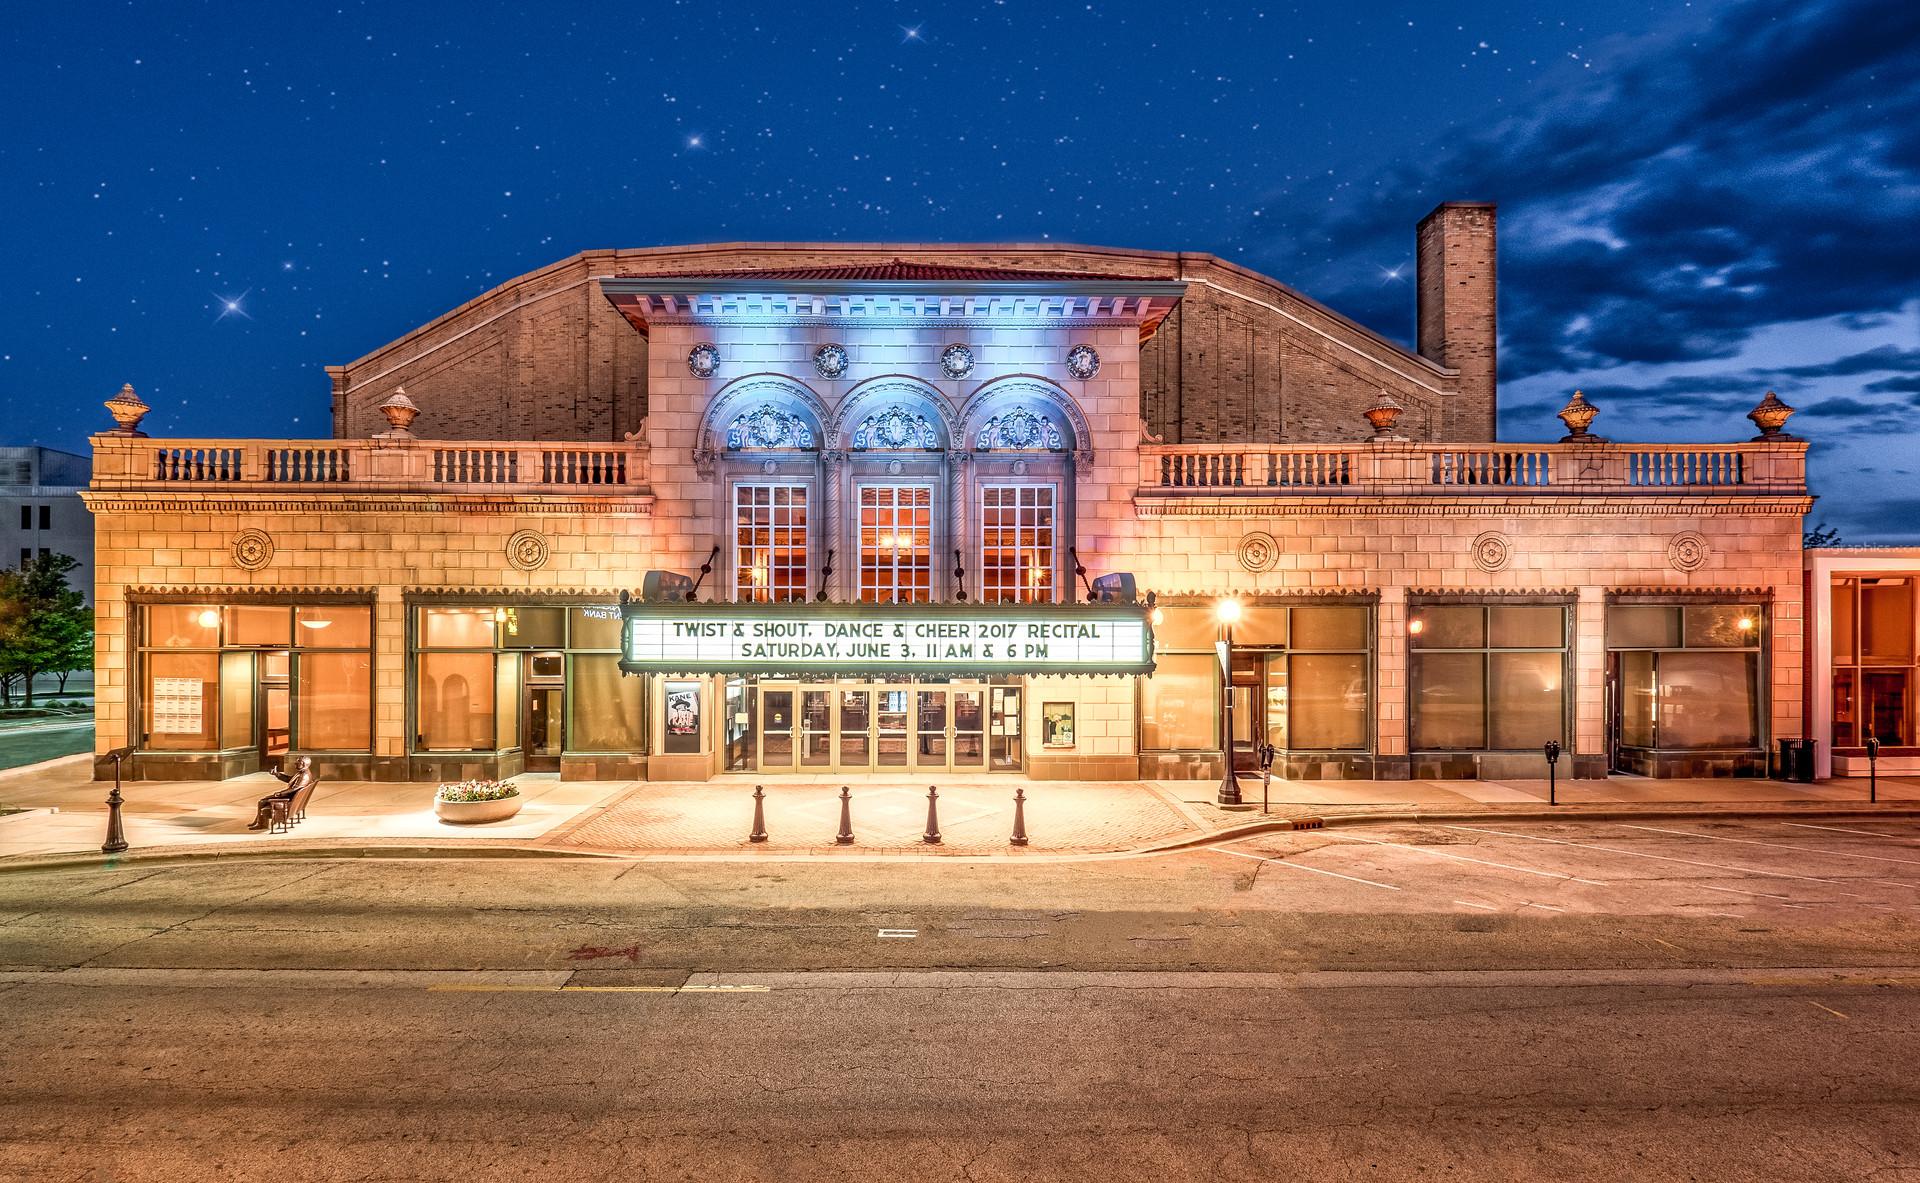 The Virginia Theatre in Champaign Illinois